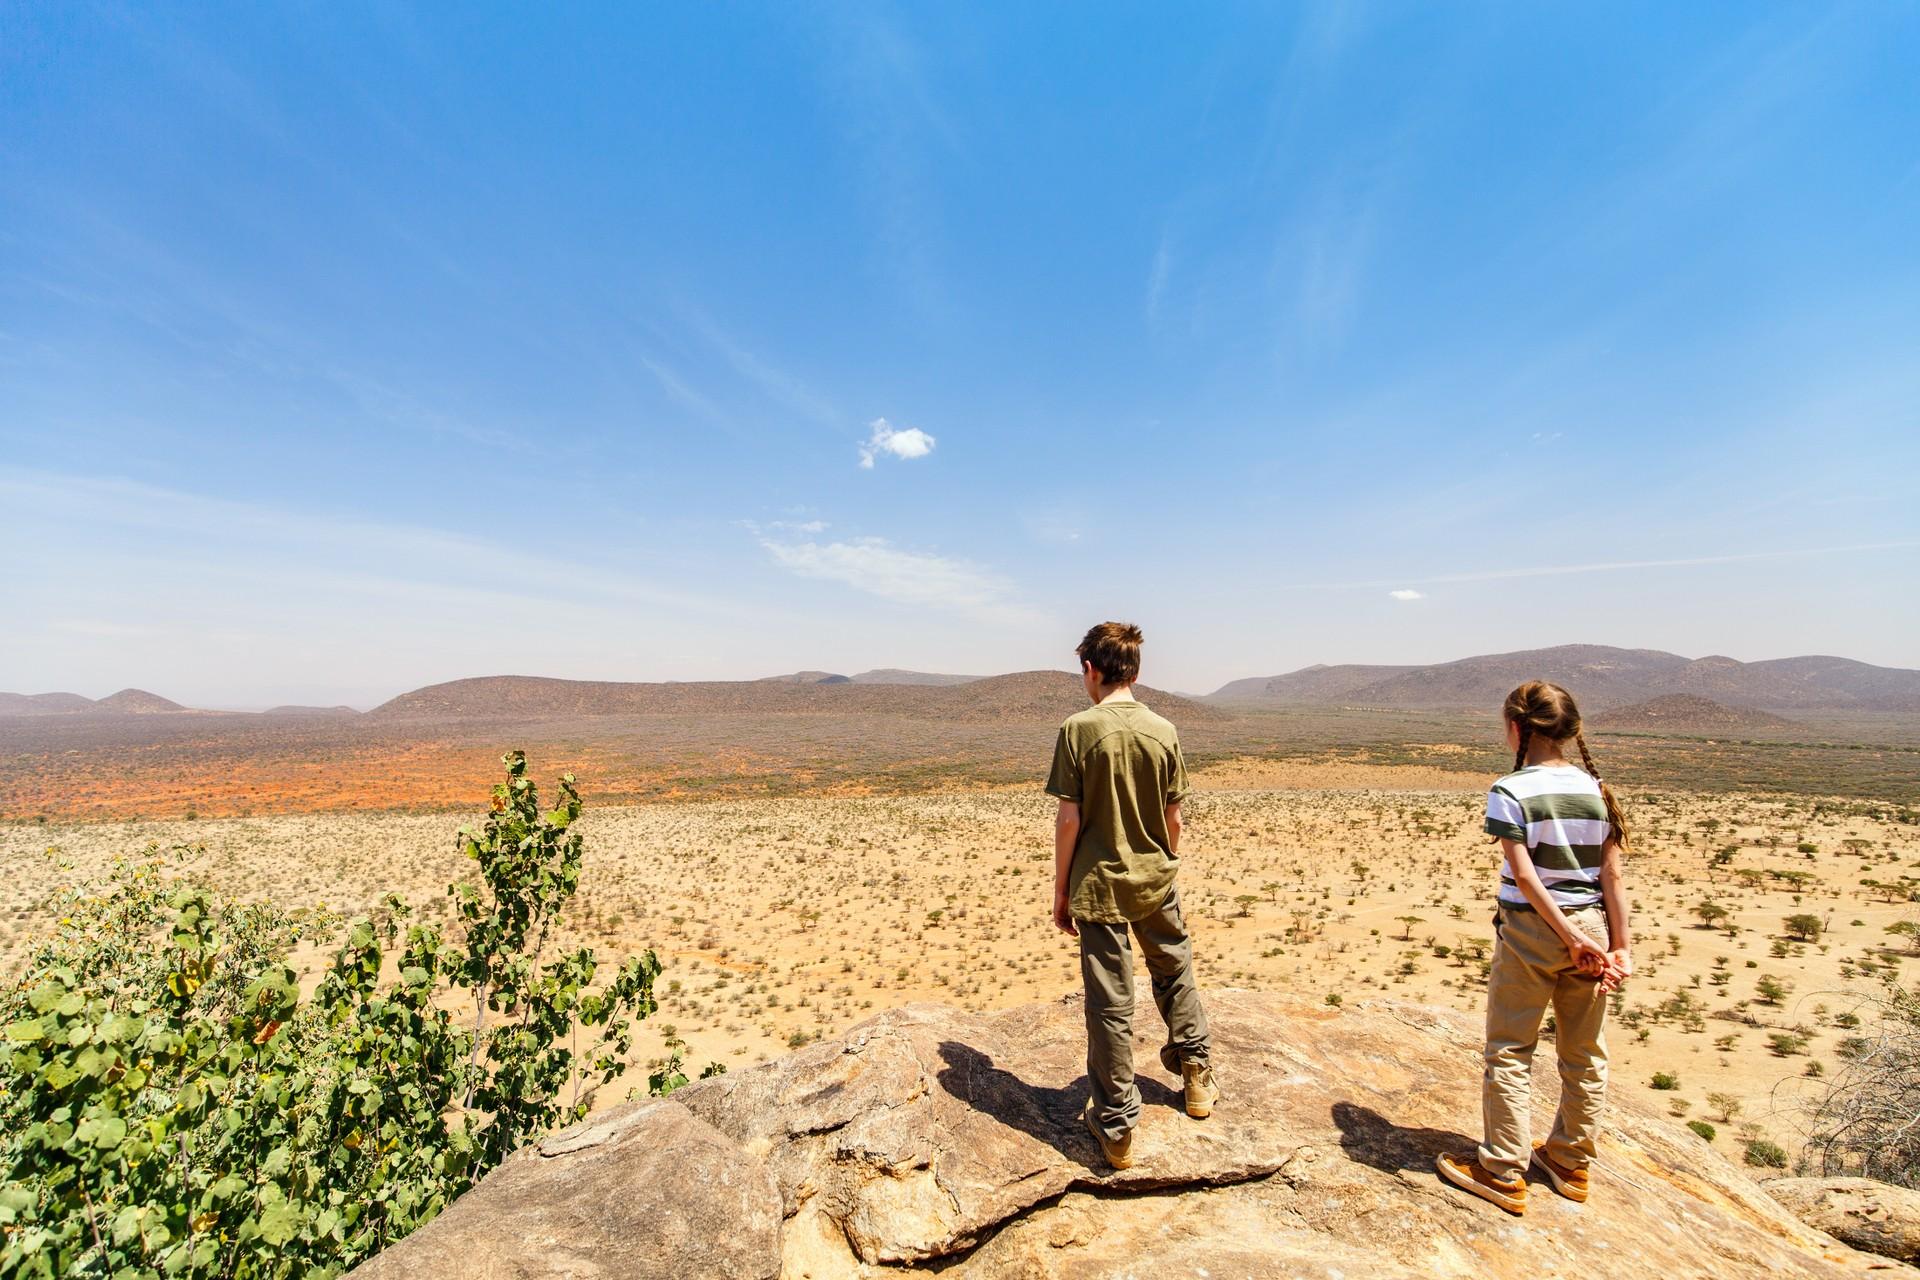 Children on walking safari in kenya